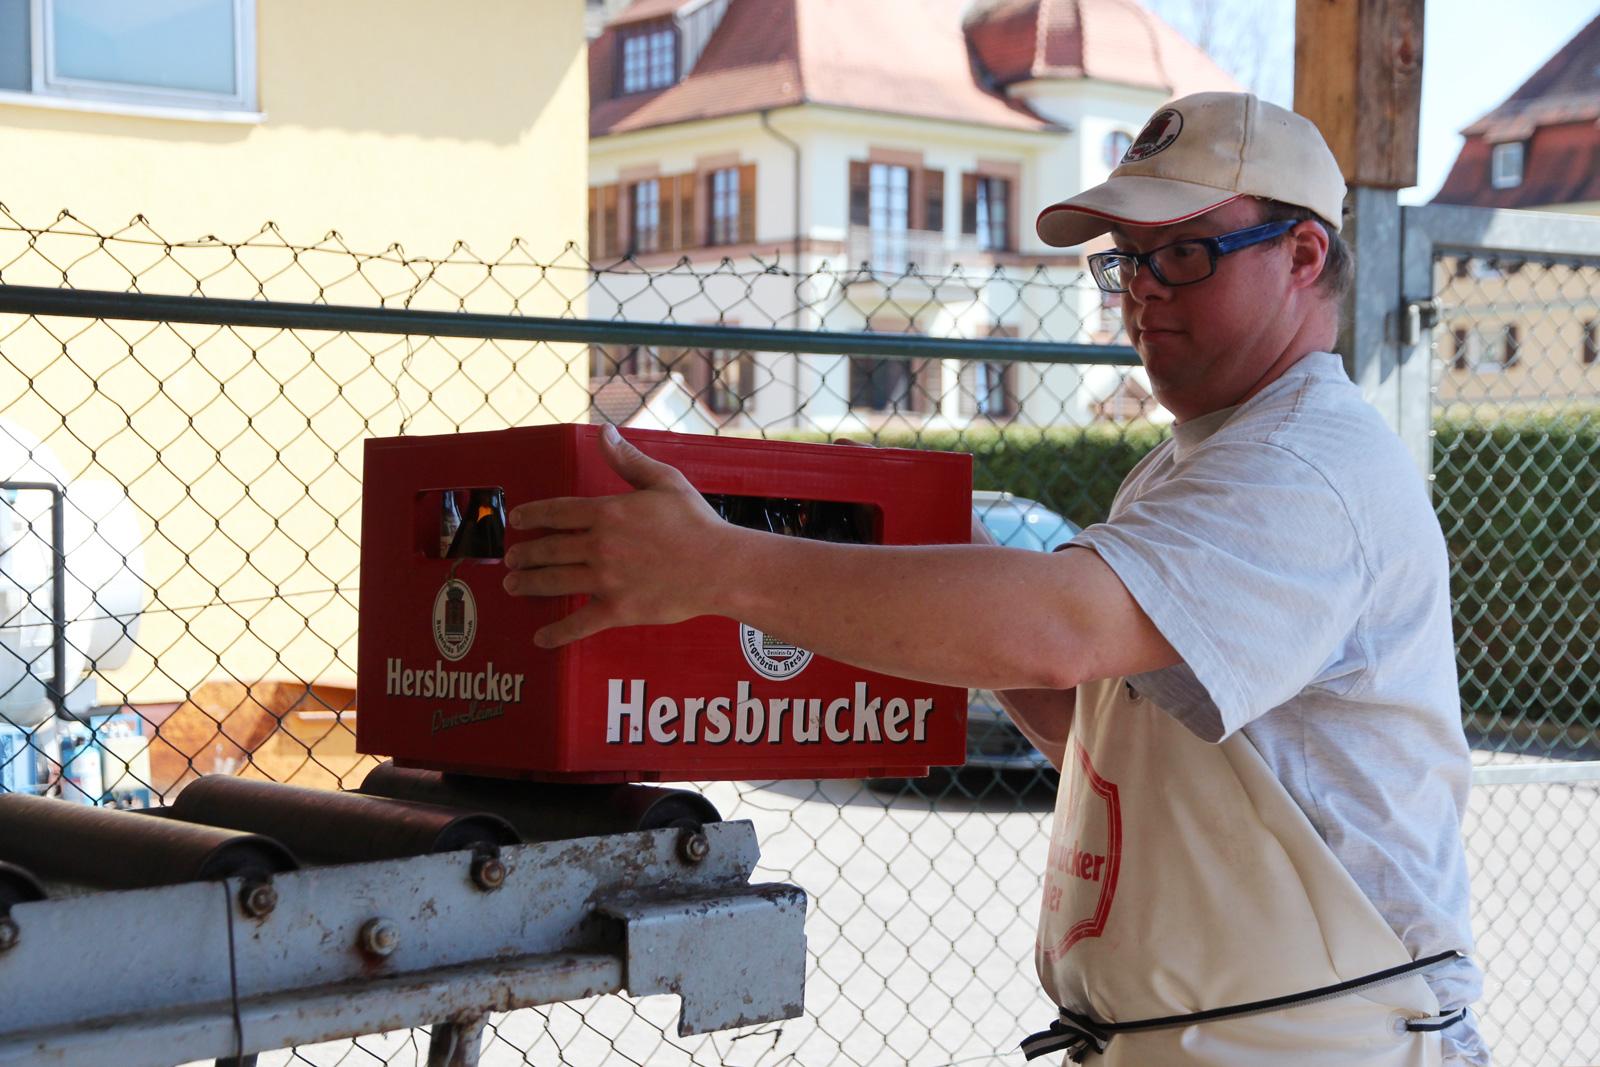 """""""Das ist echte Arbeit für Männer"""", erzählt André Szwirkszlys stolz über seinen Außenarbeitsplatz bei der Bürgerbräu Hersbruck."""